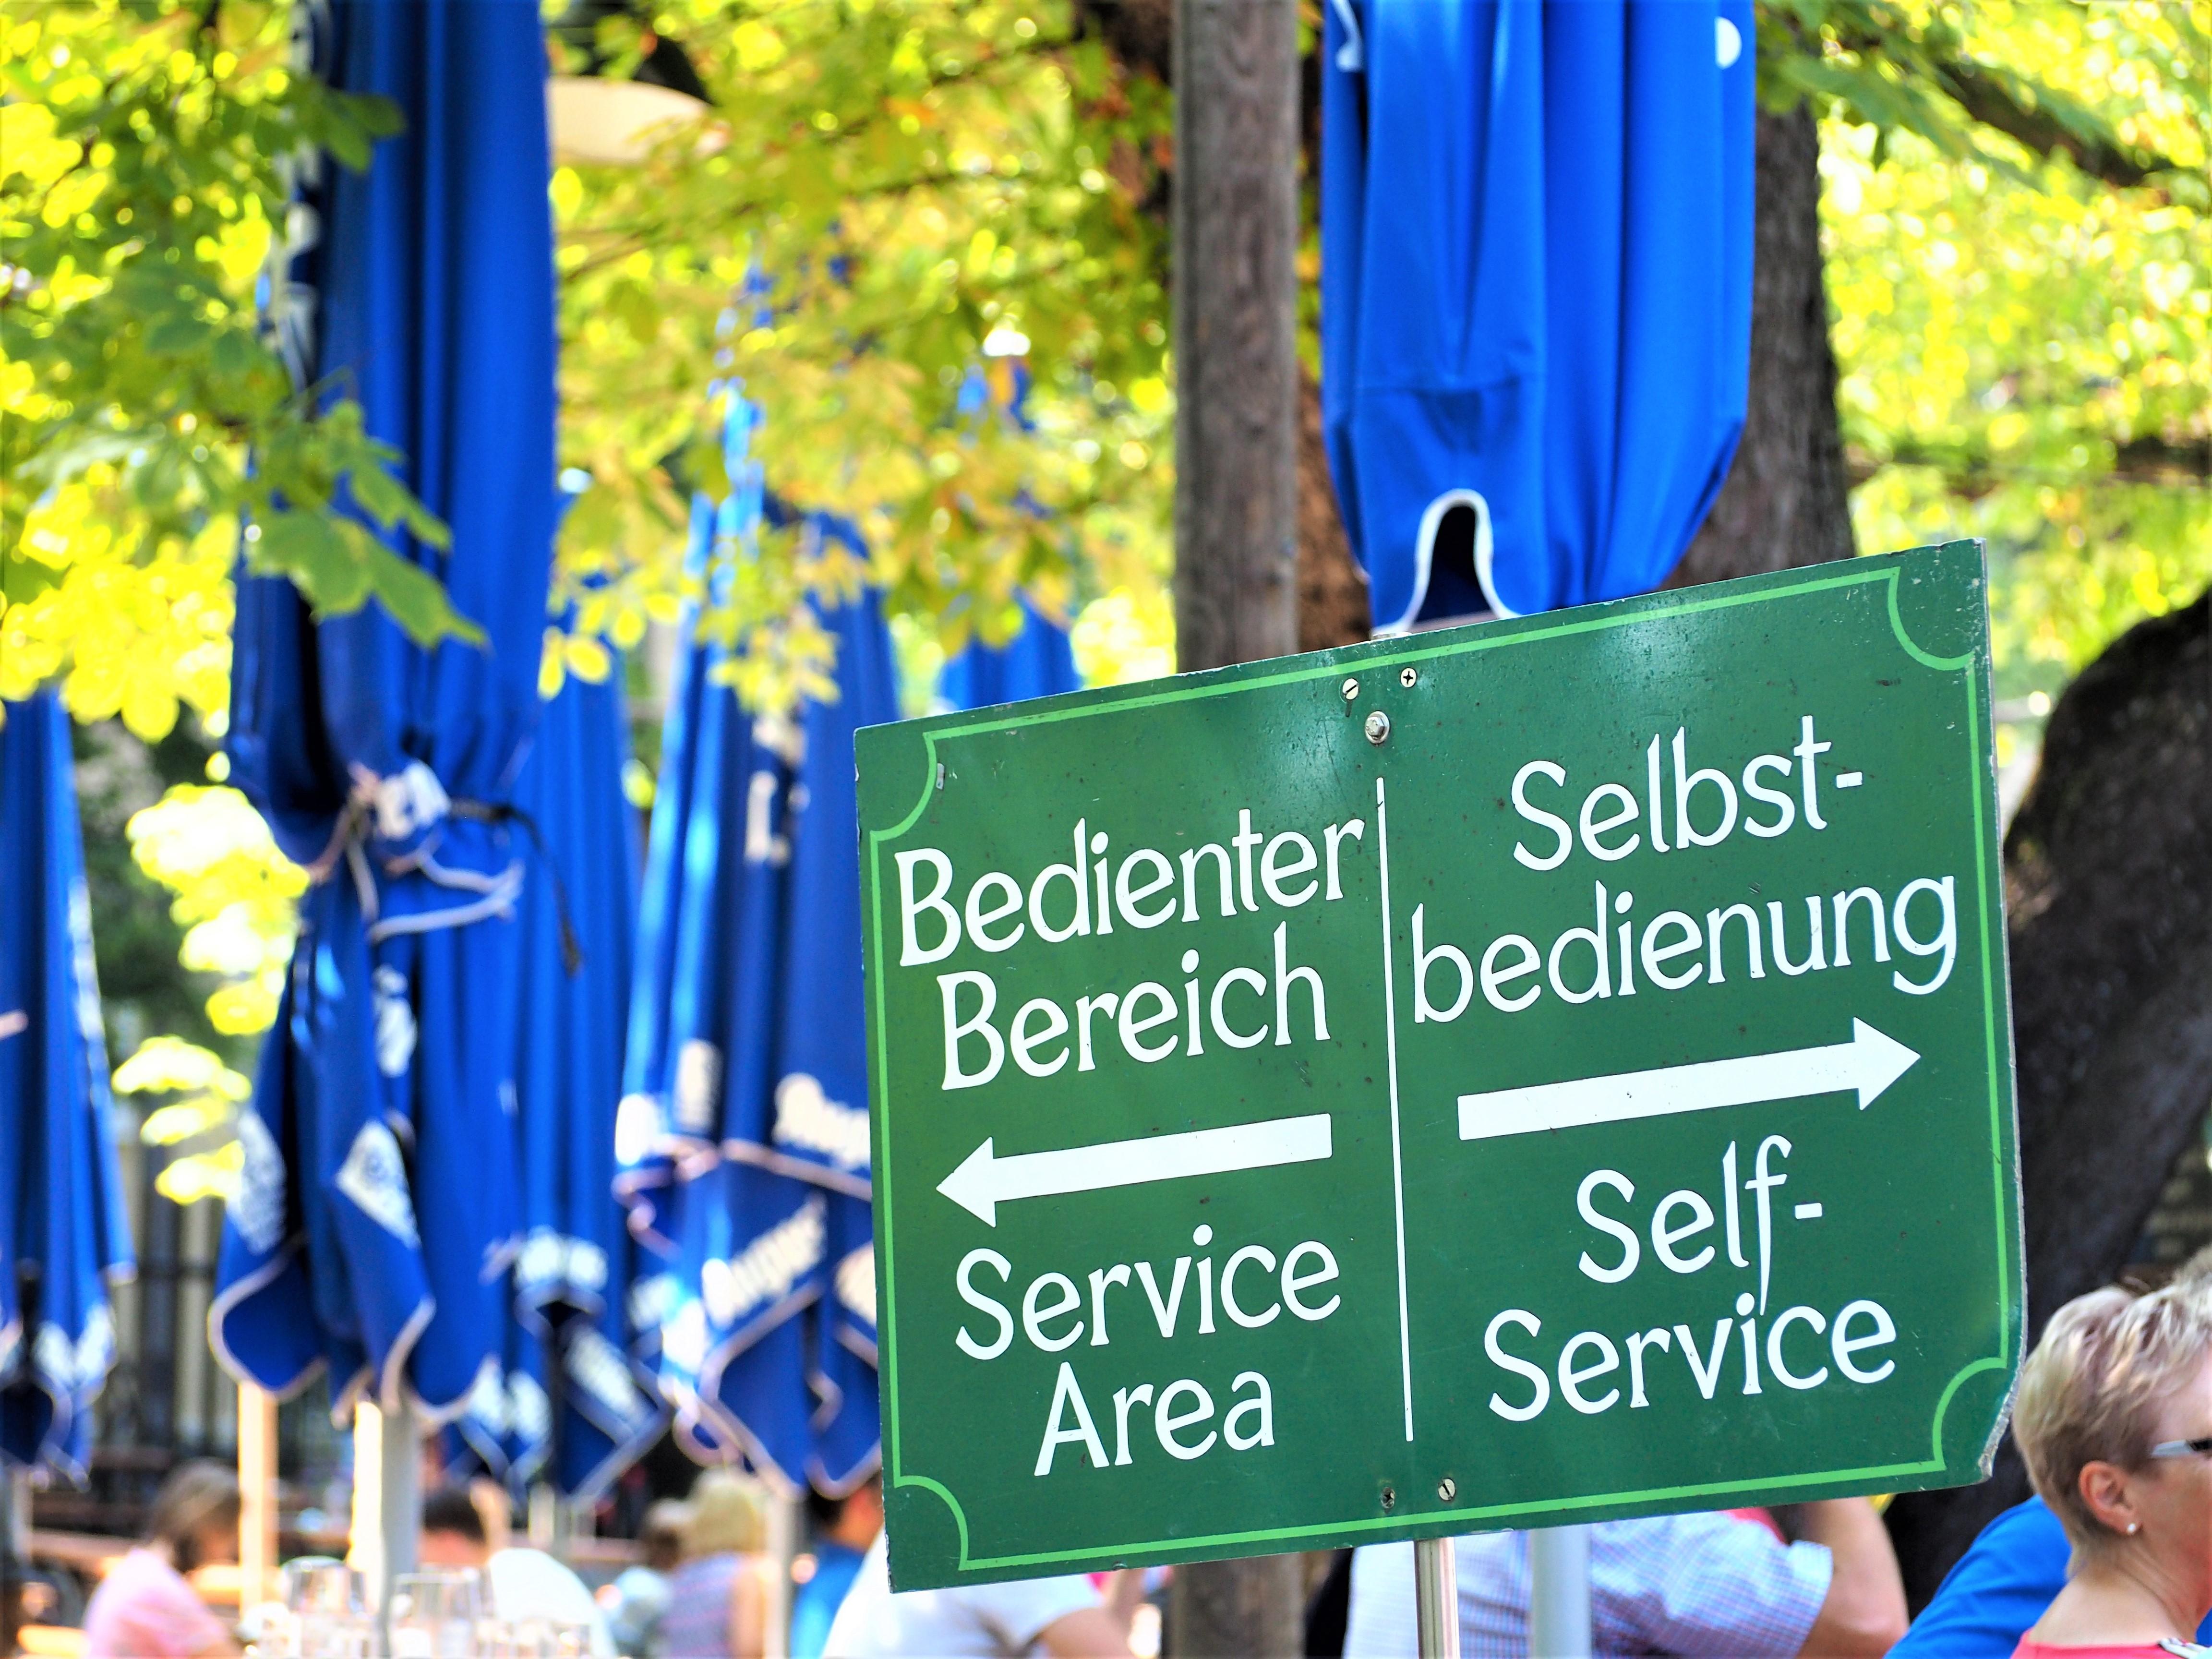 allemagne-baviere-Munich-Biergarten-clioandco-blog-voyage